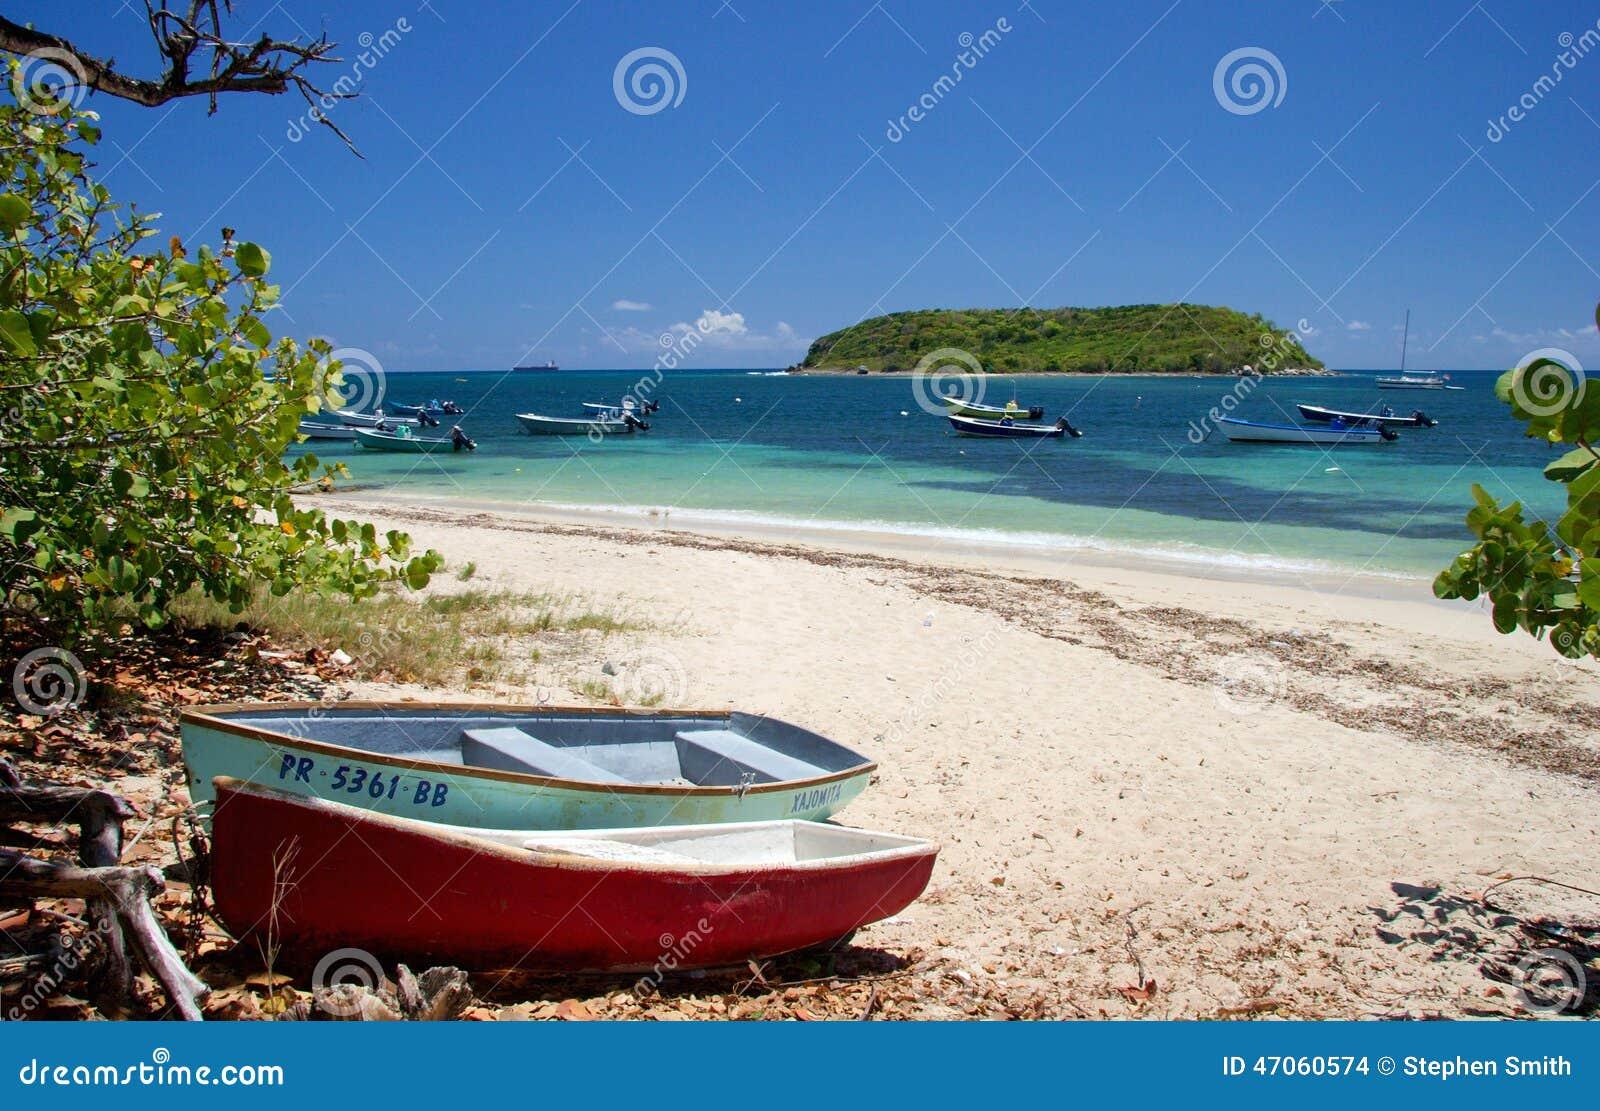 Рыбацкие лодки на пляже, острове Vieques, Пуэрто-Рико